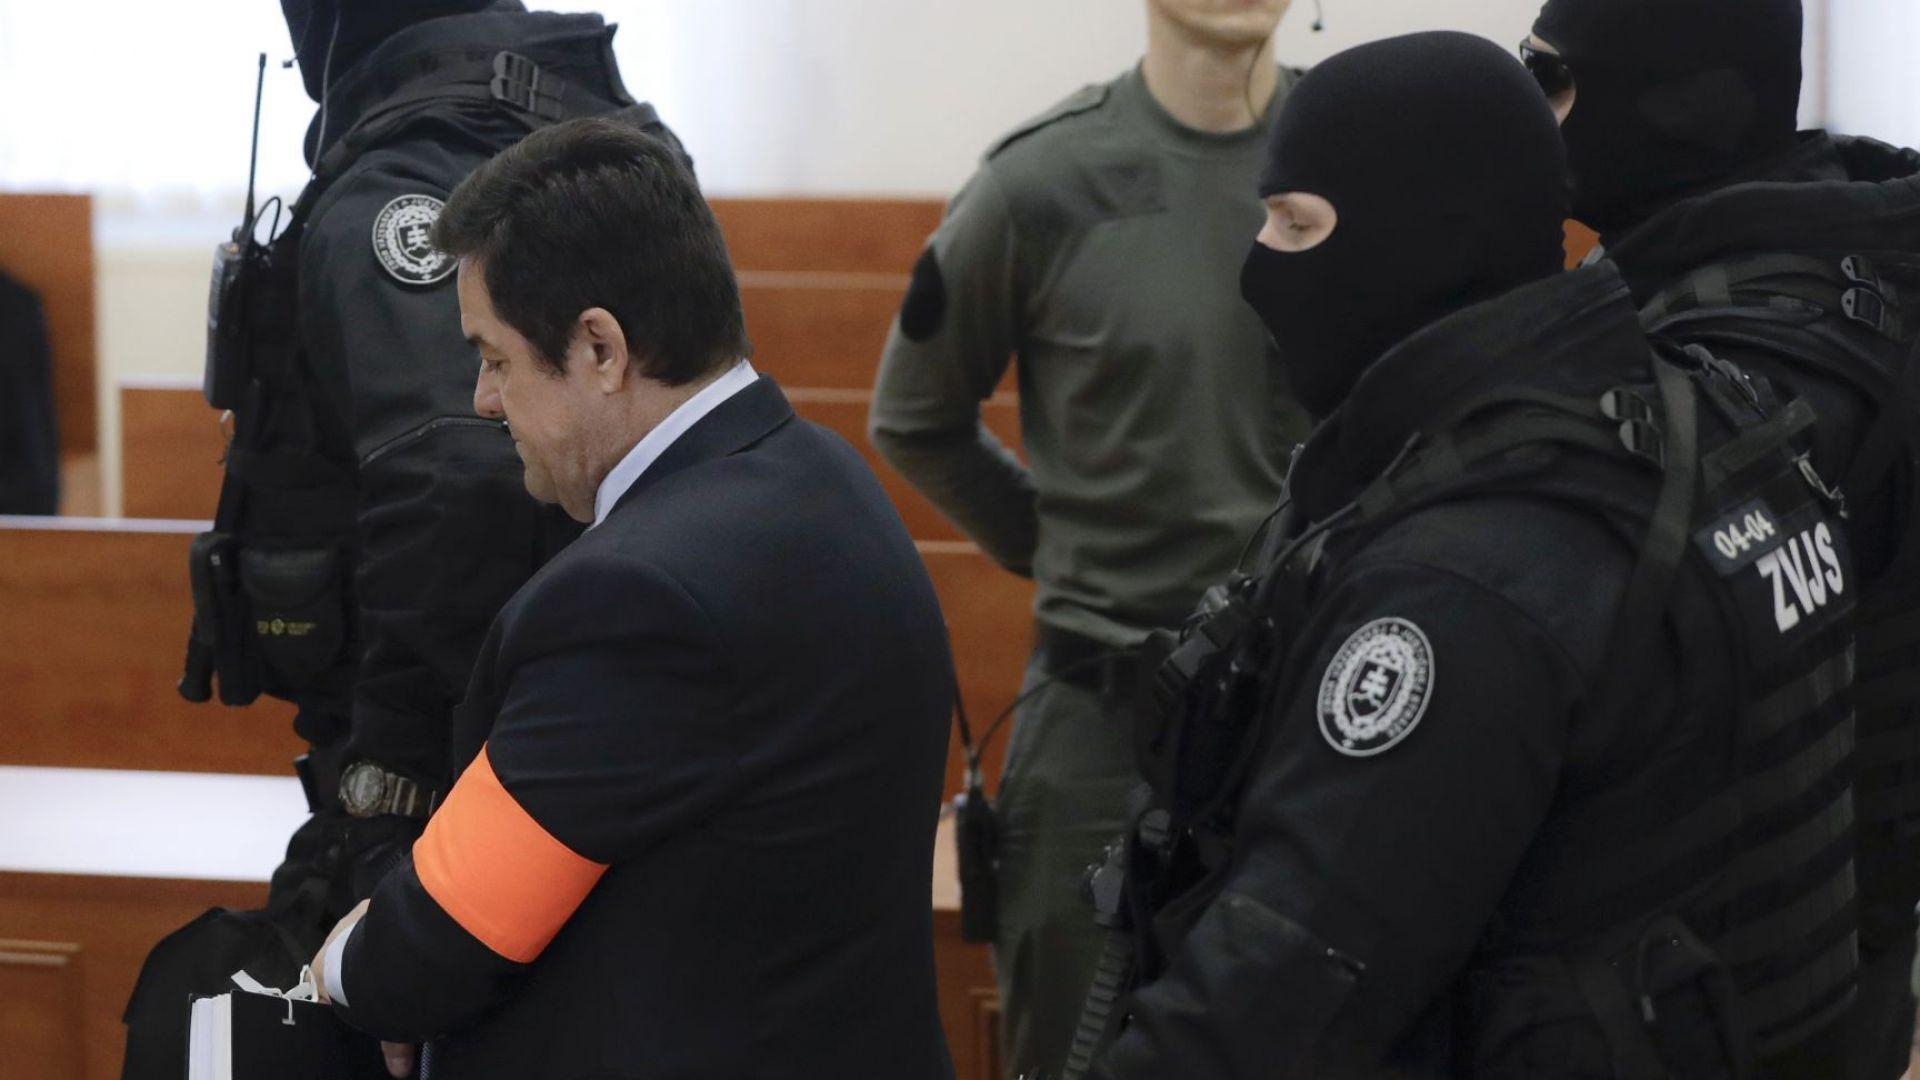 Започна процесът за убийството на Куциак: Кочнер влезе в съда с бронежилетка (снимки)